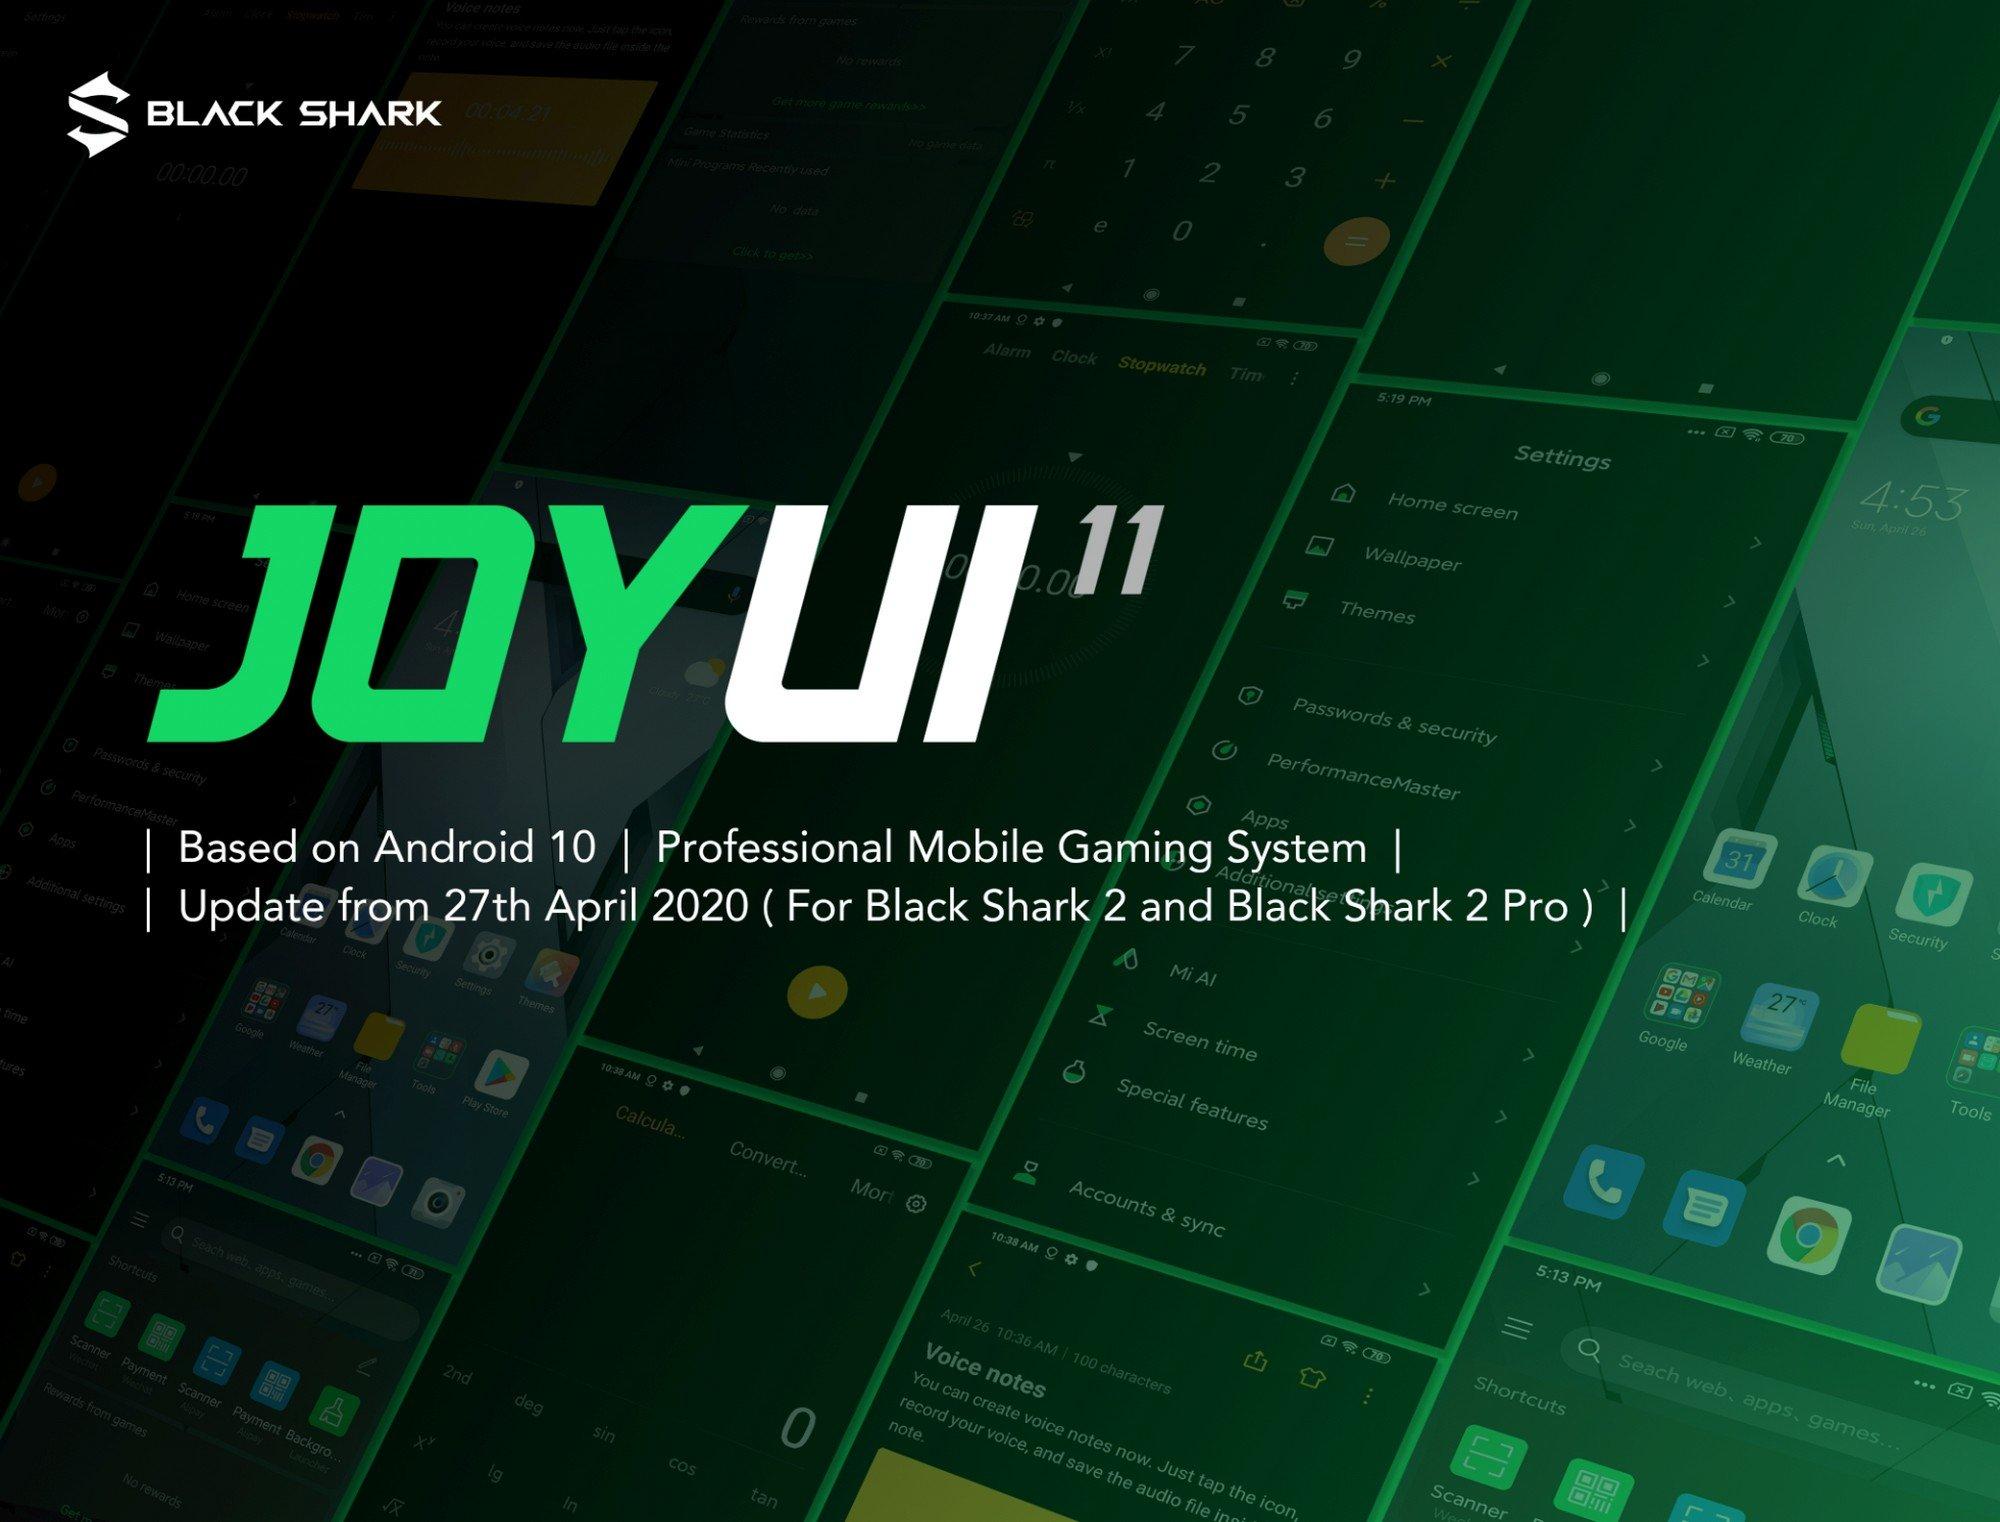 Jerung Hitam Xiaomi 2 sudah menerima kemas kini baru untuk JOYUI 11